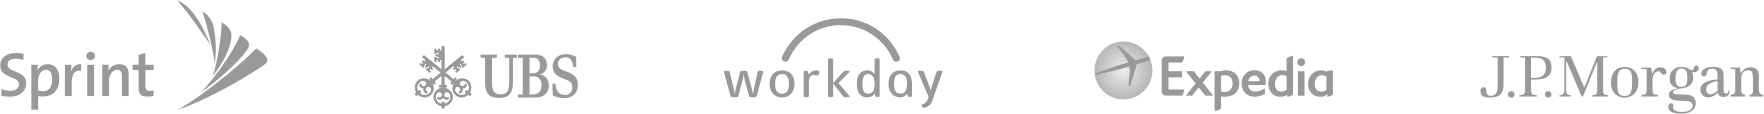 Logotipos de Sprint, UBS, Workday, Expedia y J.P. Morgan